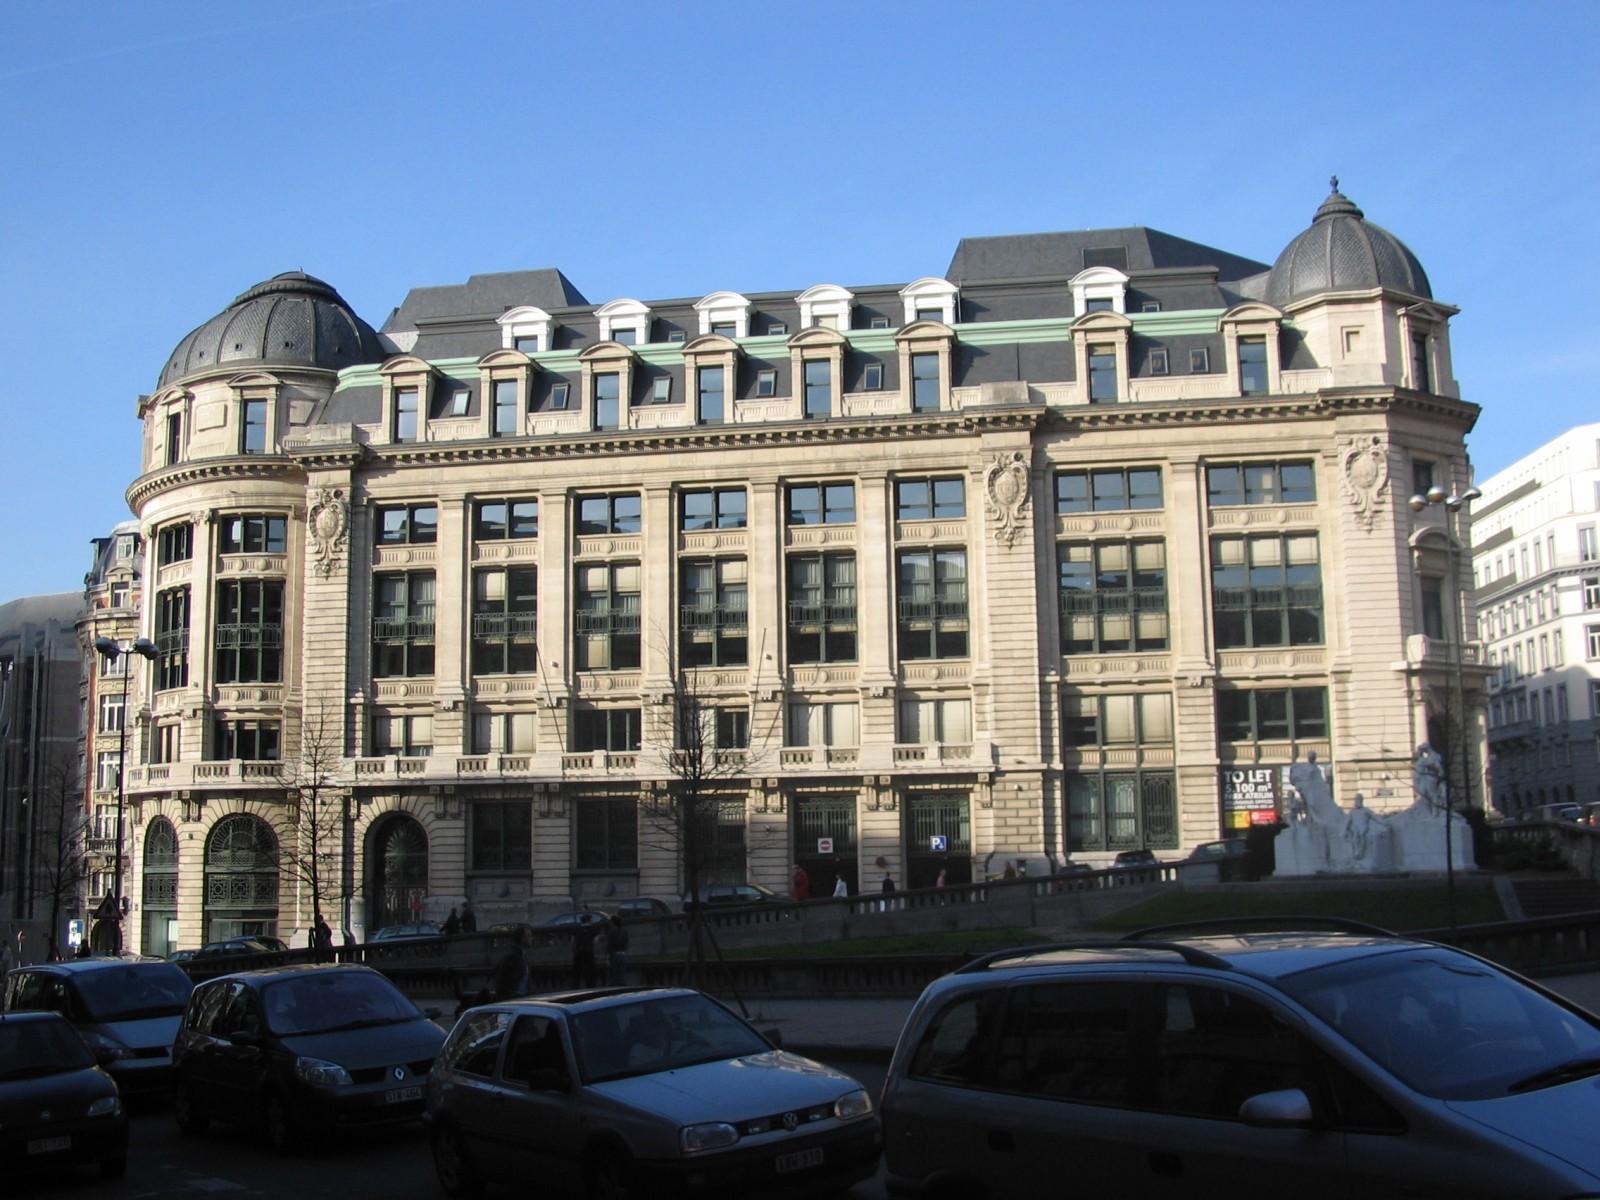 Beaux-Arts, ancienne Caisse Générale de Reports et de Dépôts, rue des Colonies 1-21, Bruxelles, 1911, architecte Paul Saintenoy., 2005